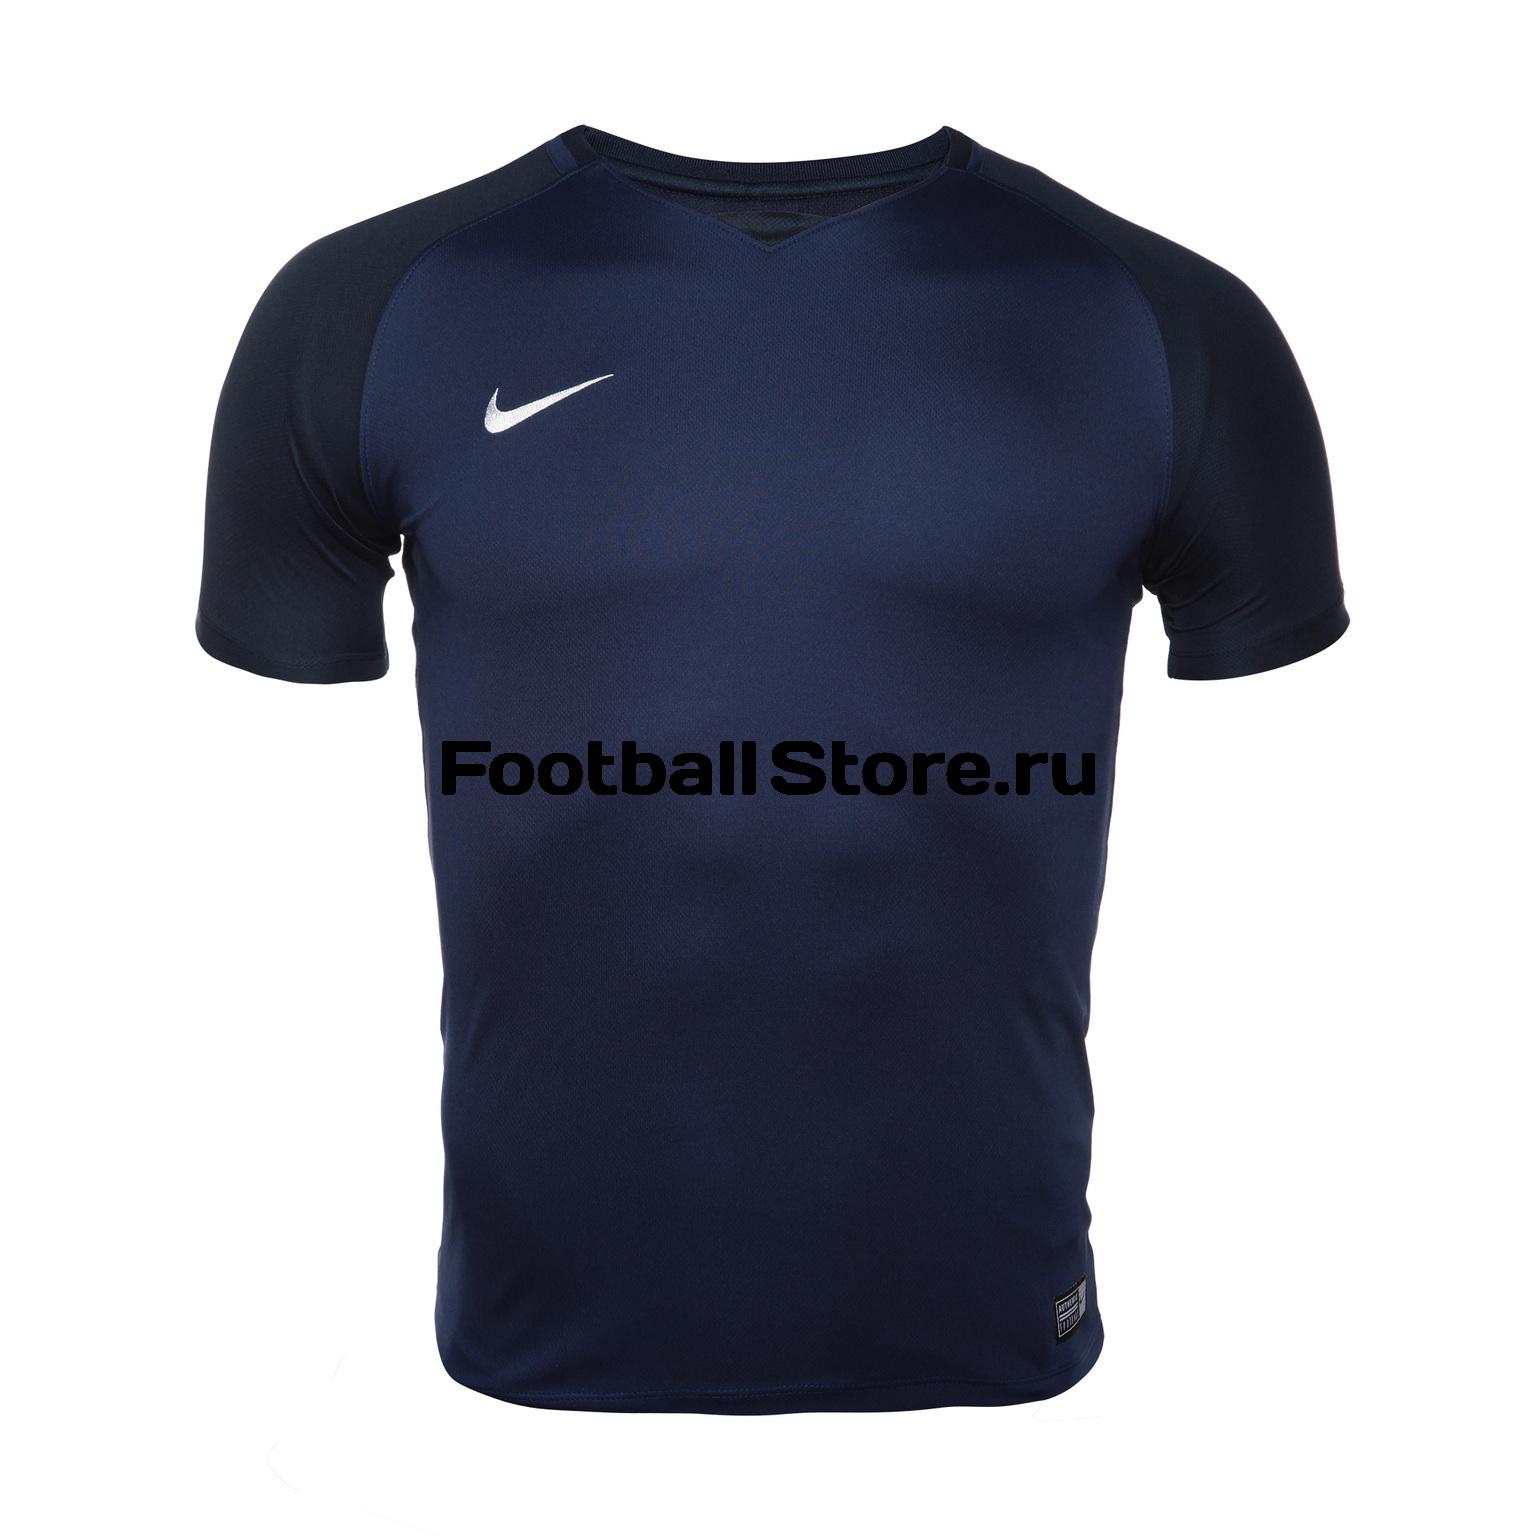 Футболка игровая подростковая Nike Trophy III 881484-410 футболка игровая nike dry tiempo prem jsy ss 894230 411